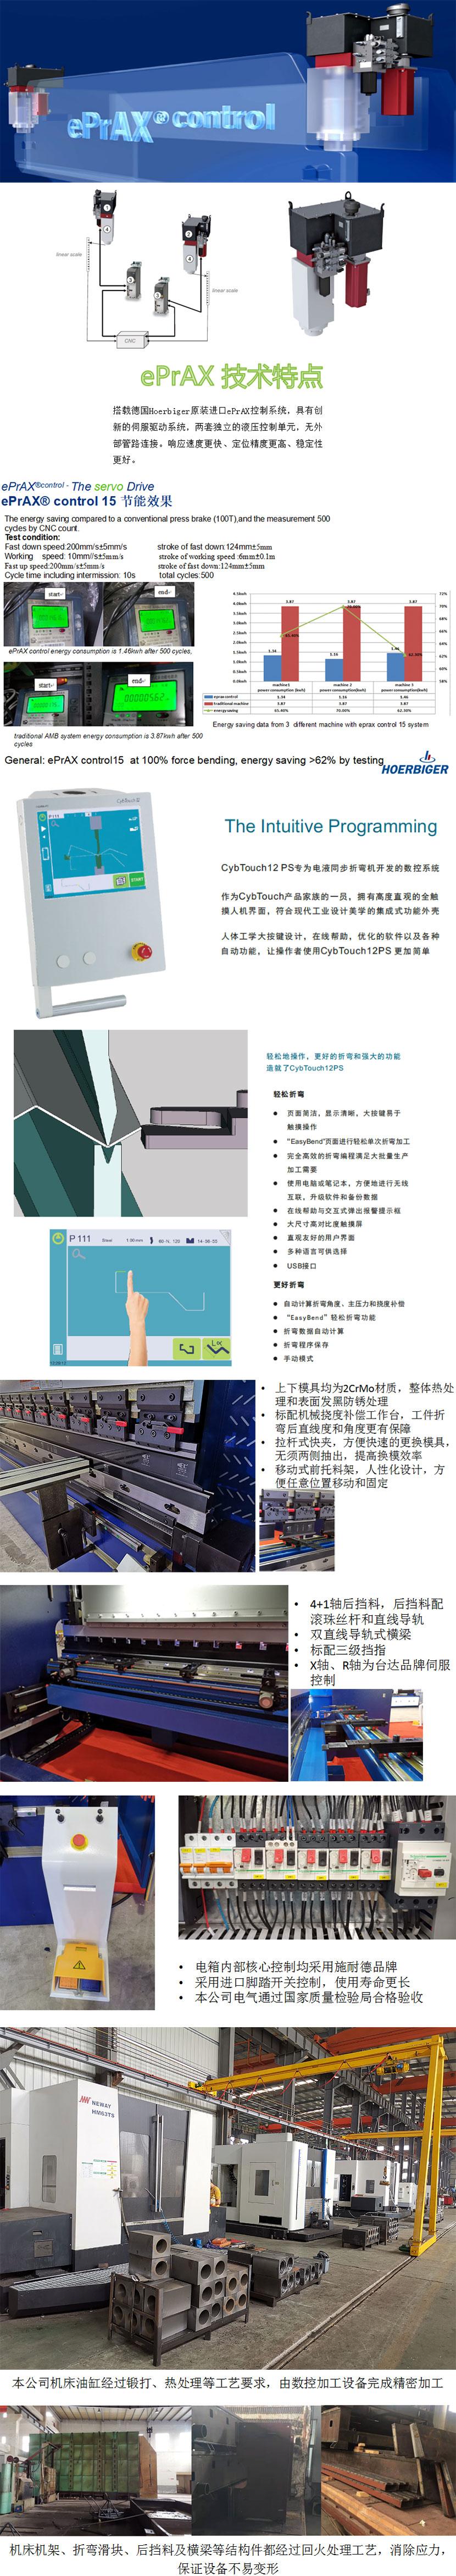 油电混合数控折弯机产品图文介绍